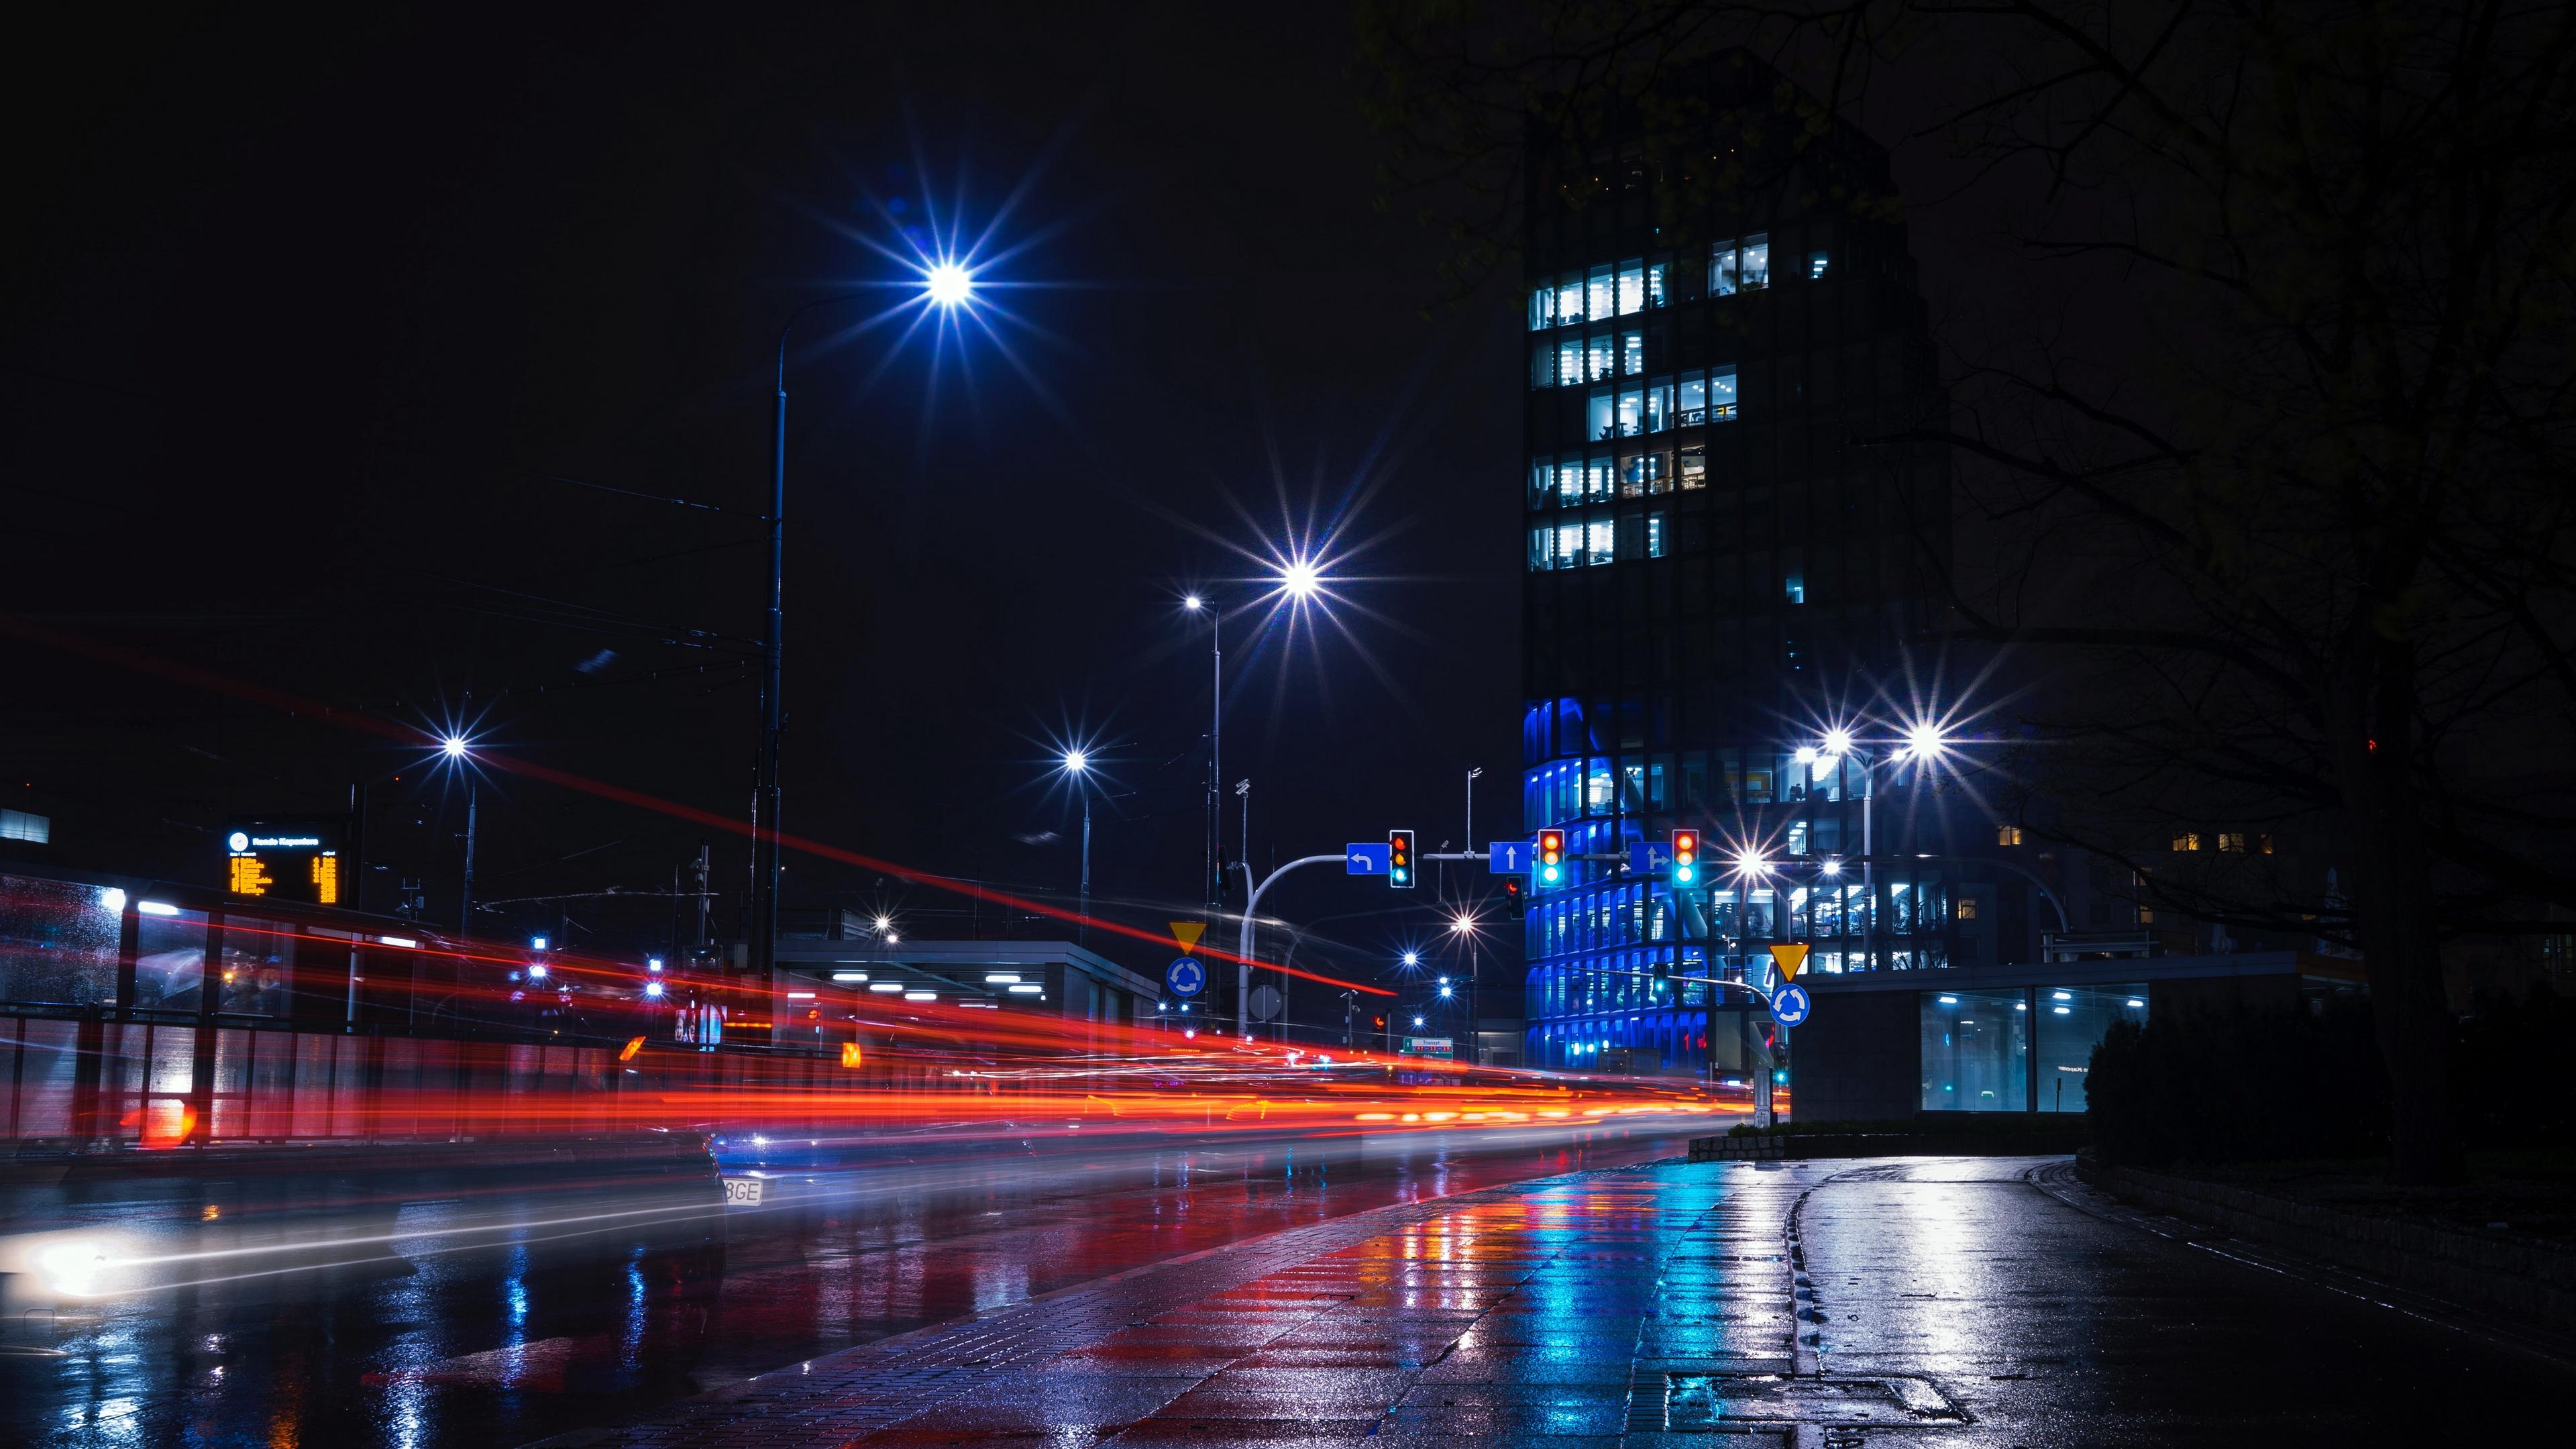 night city city lights road building lights 4k 1538067512 - night city, city lights, road, building, lights 4k - Road, night city, city lights